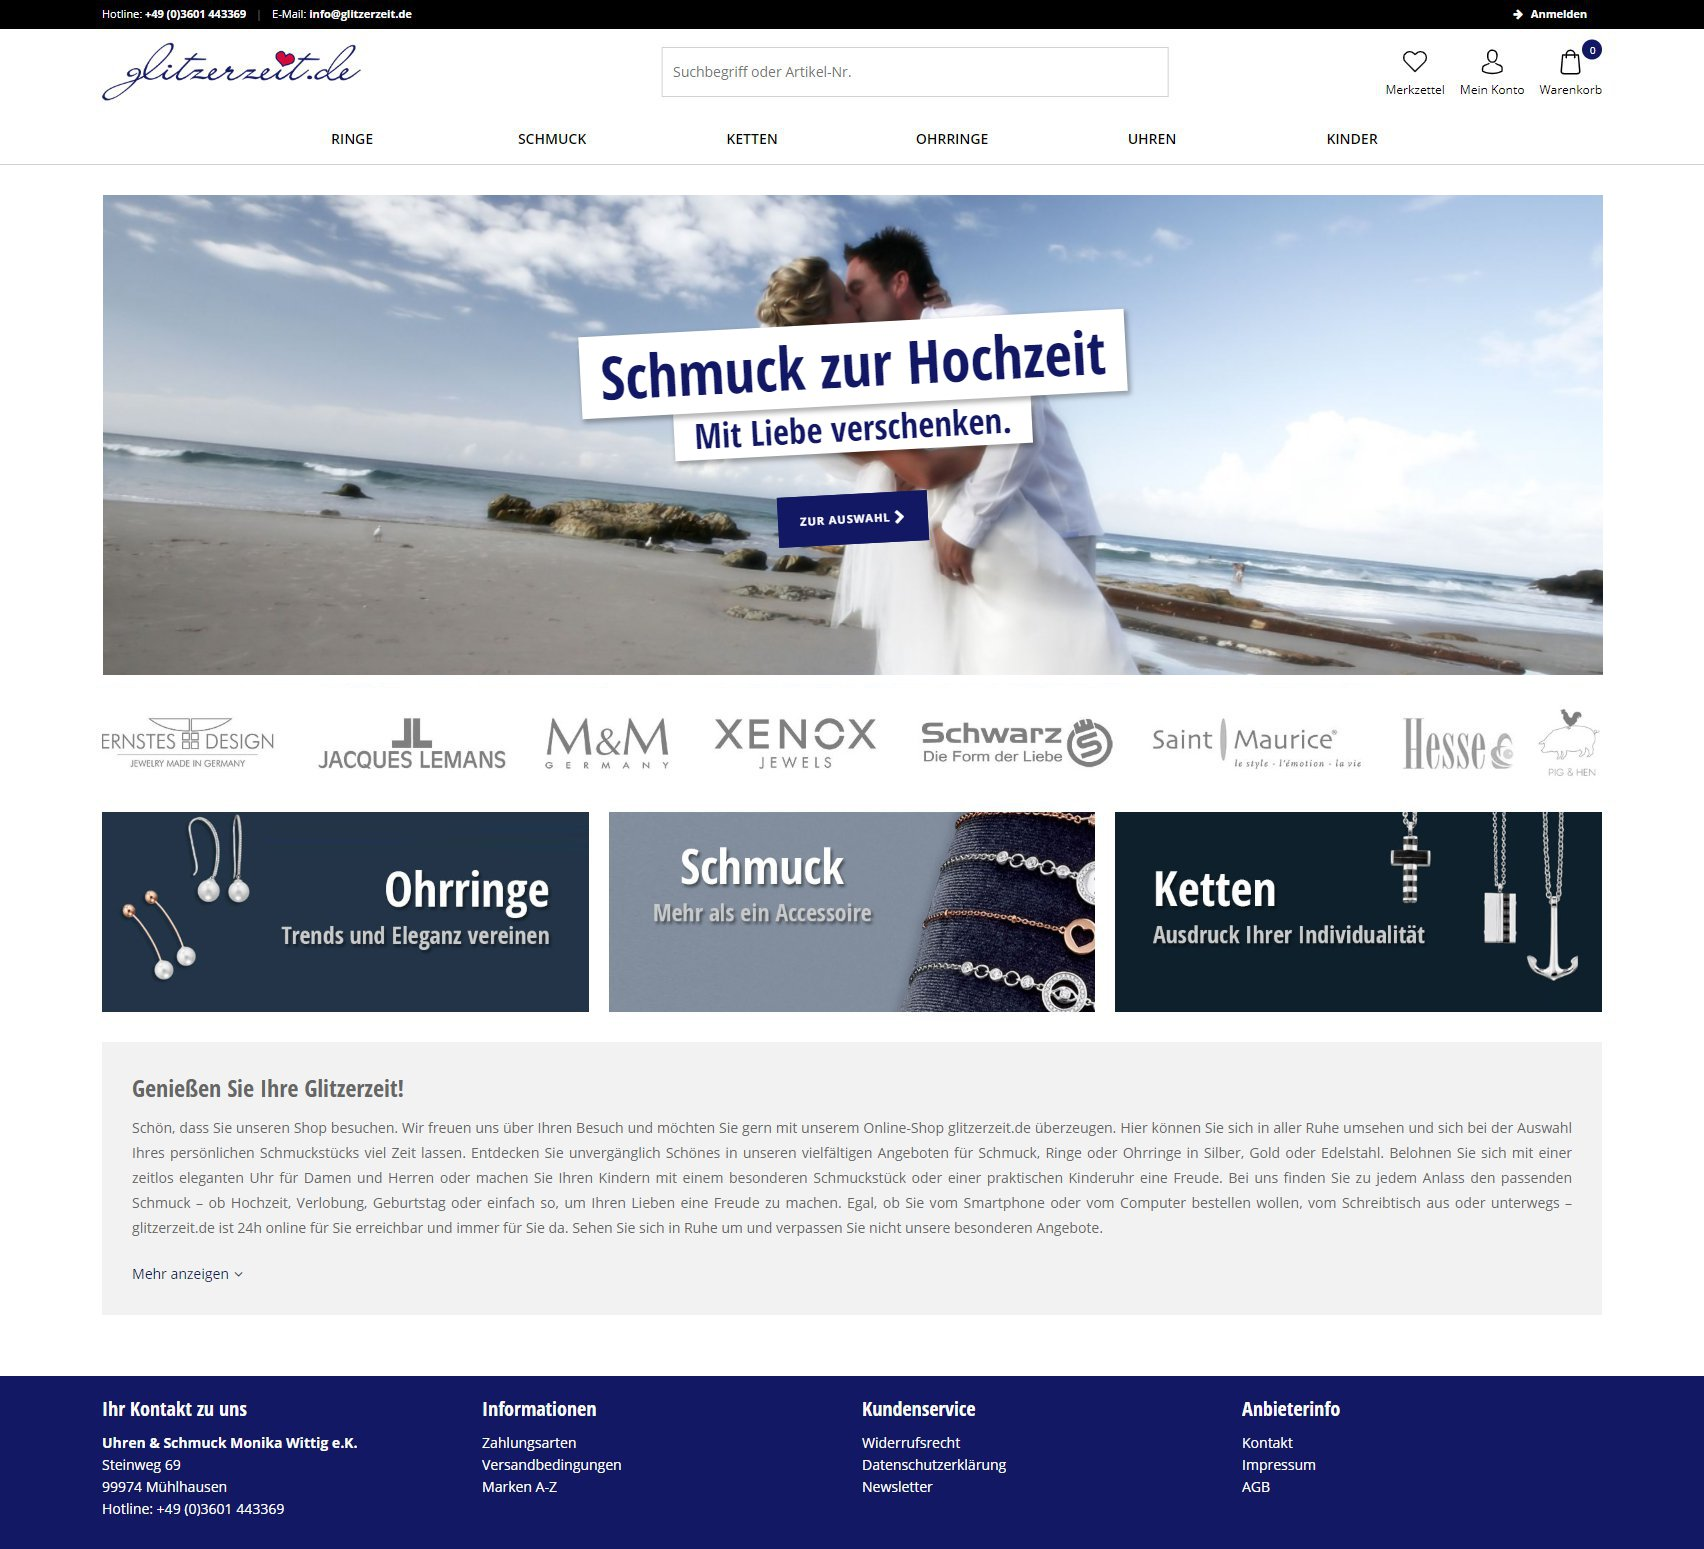 Screenshot glitzerzeit.de